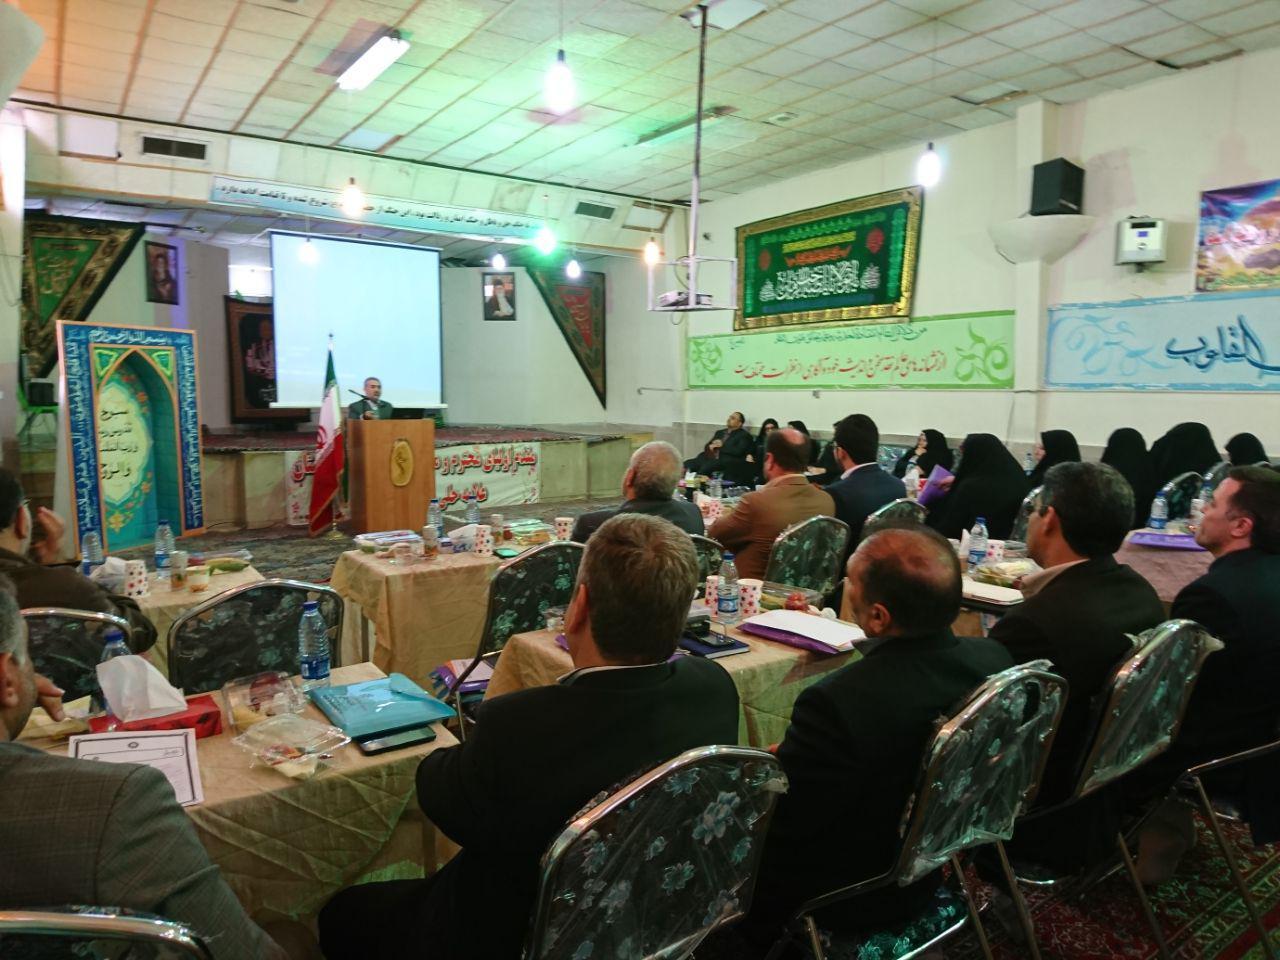 مدیریت دبیرستان شهدای صنف گردبافان درجلسه ی تحلیل وضعیت نمرات ترم اول مدارس شرکت کردند.